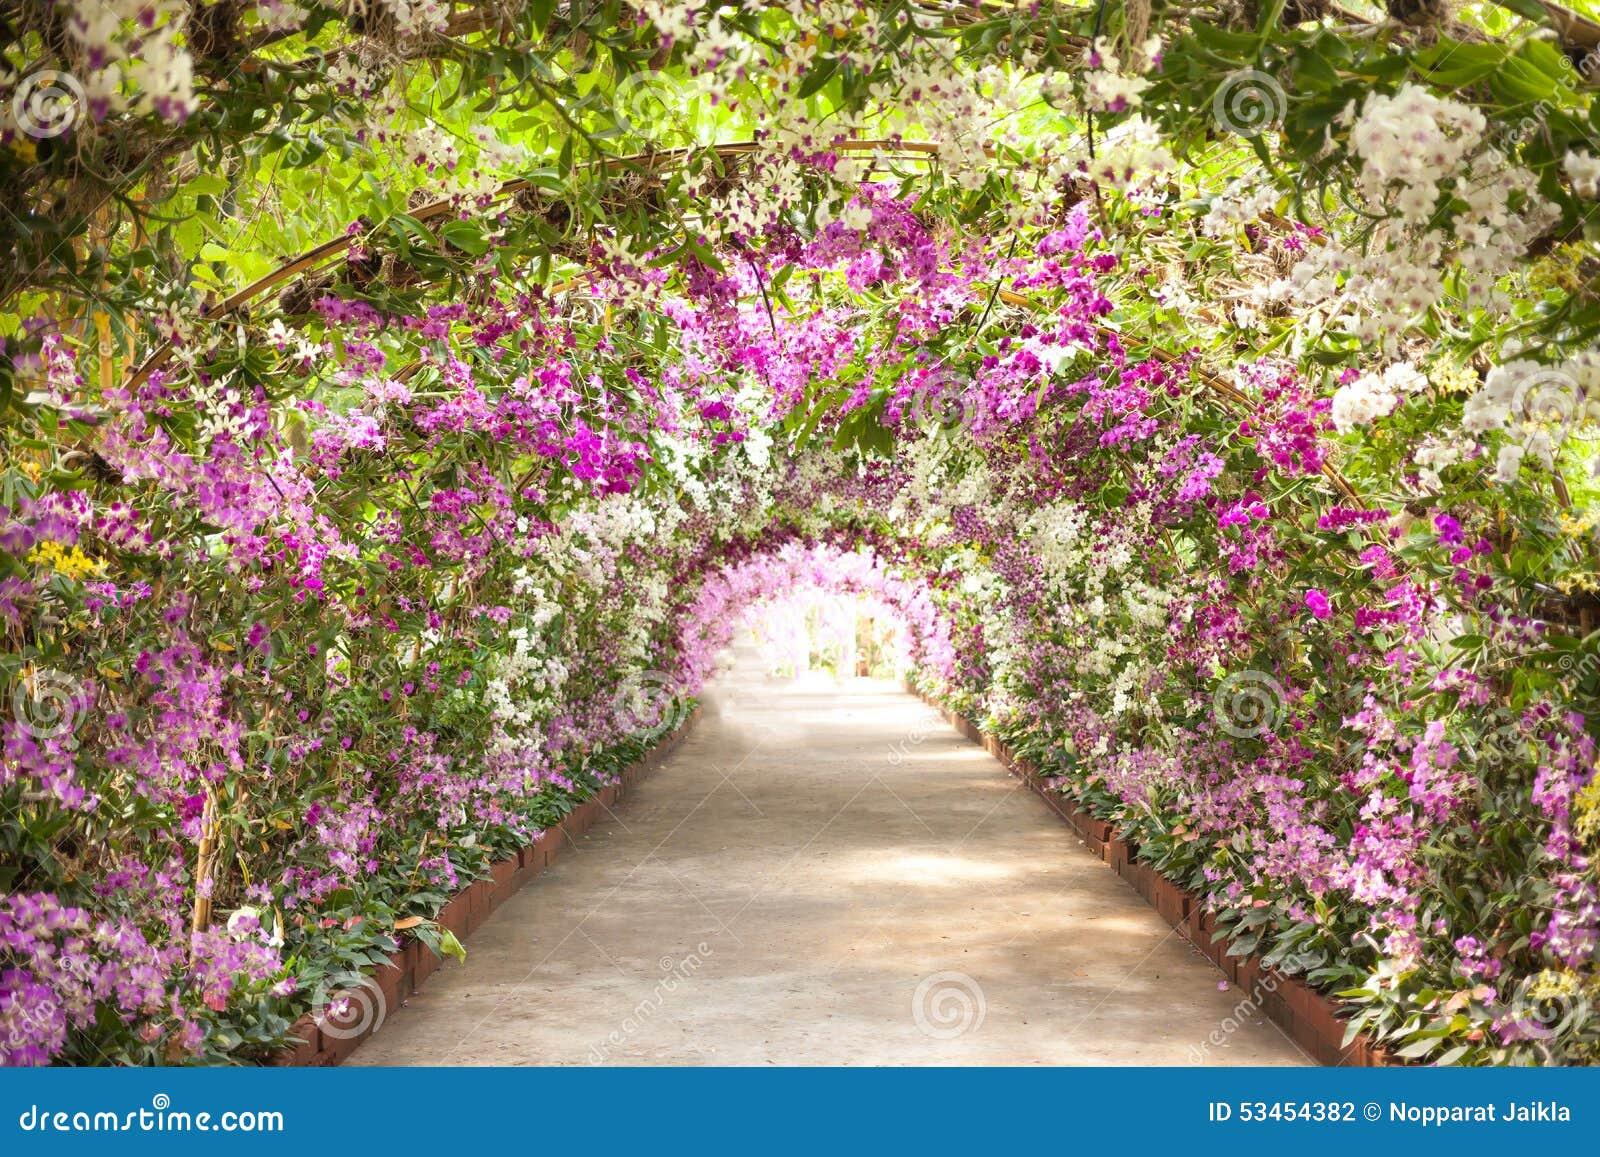 Orquideas jardin botanico for Caracteristicas de un jardin botanico